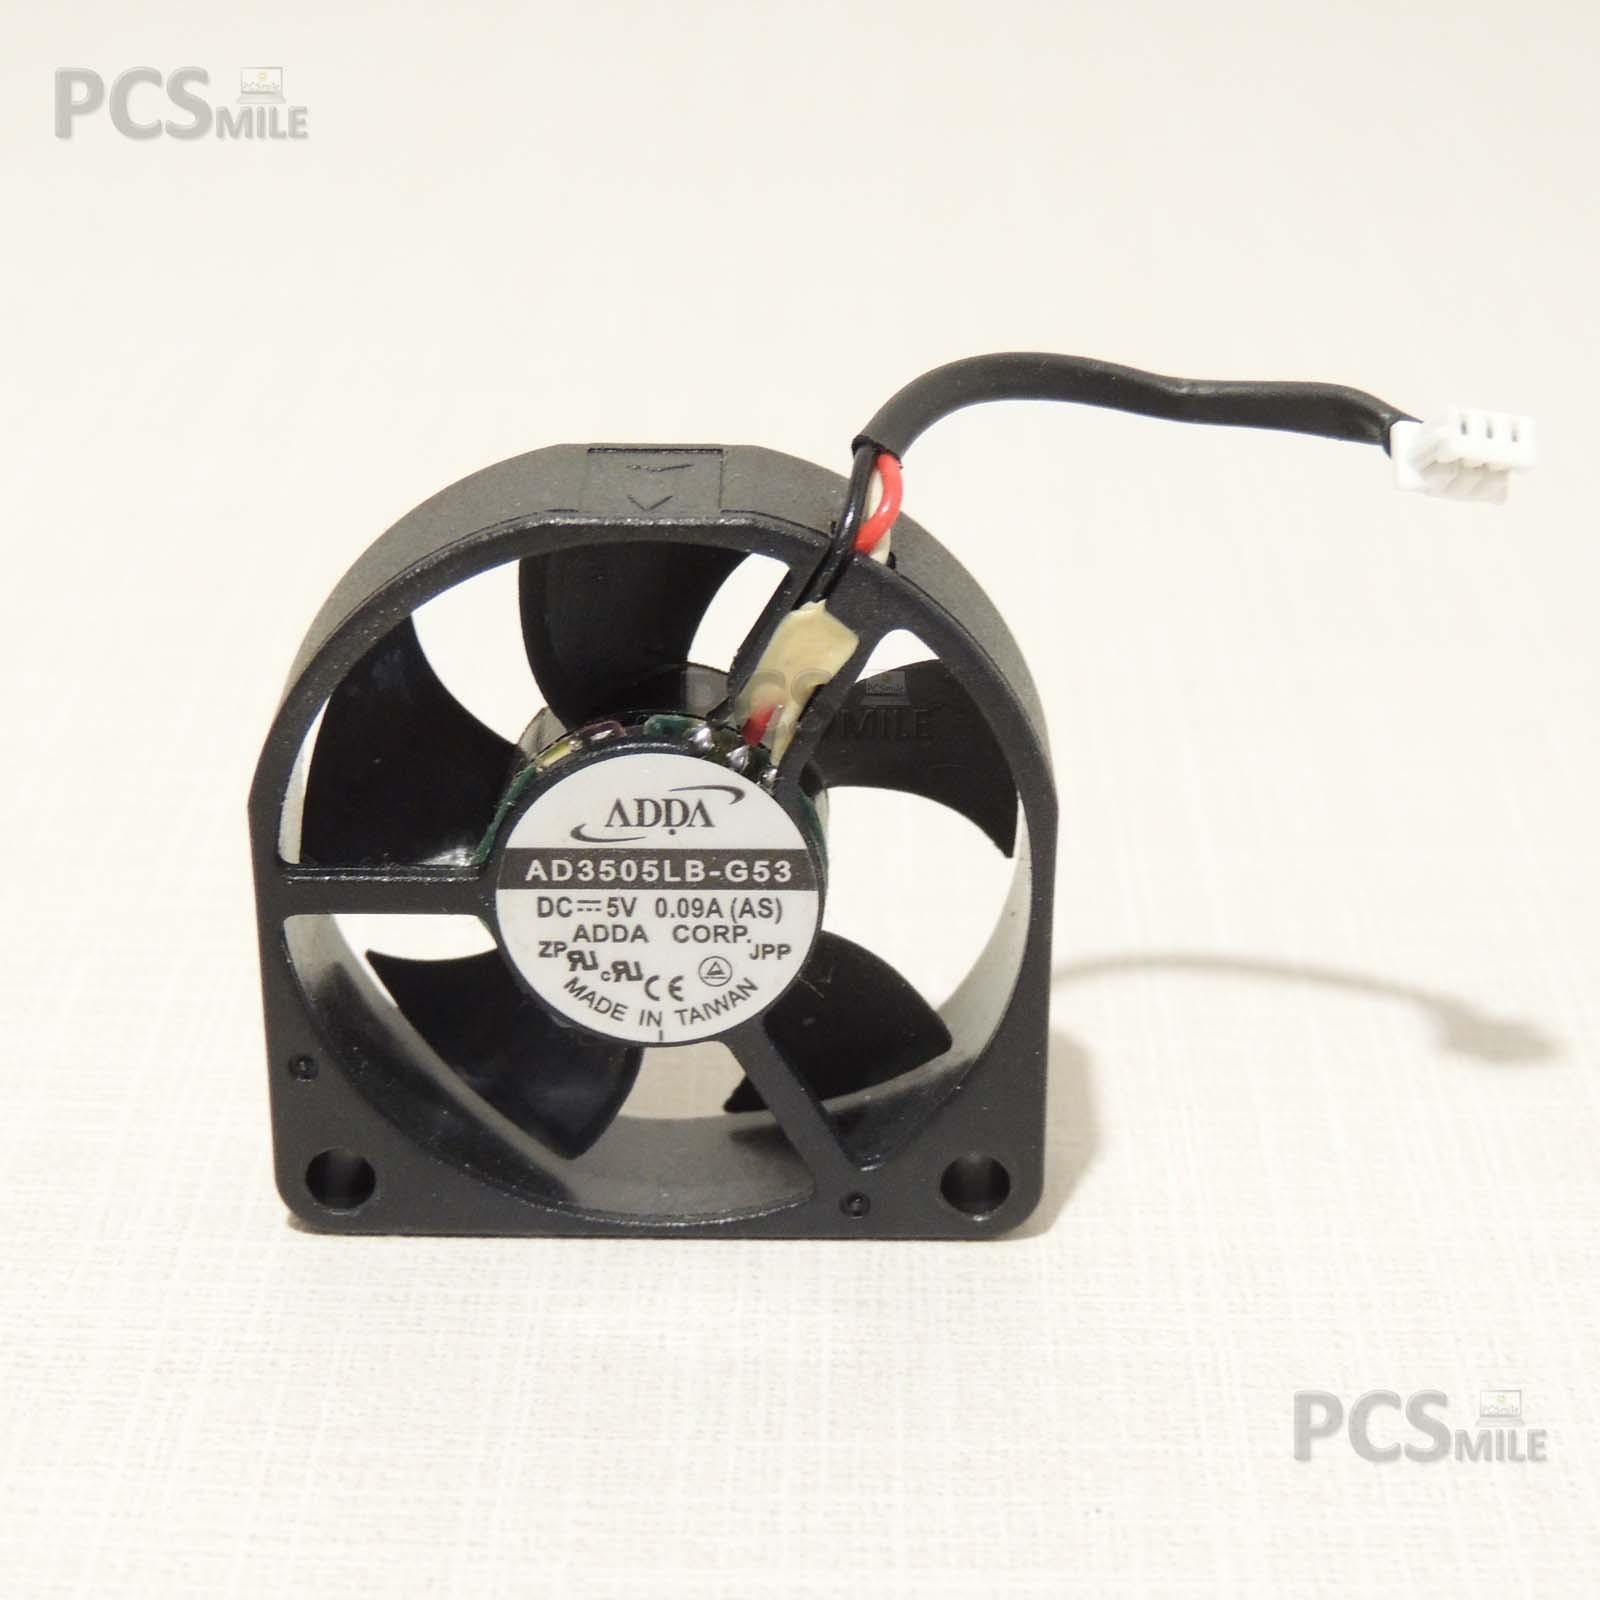 HP Pavilion ZE5500 Ventola del dissipatore AD3505LB-G53